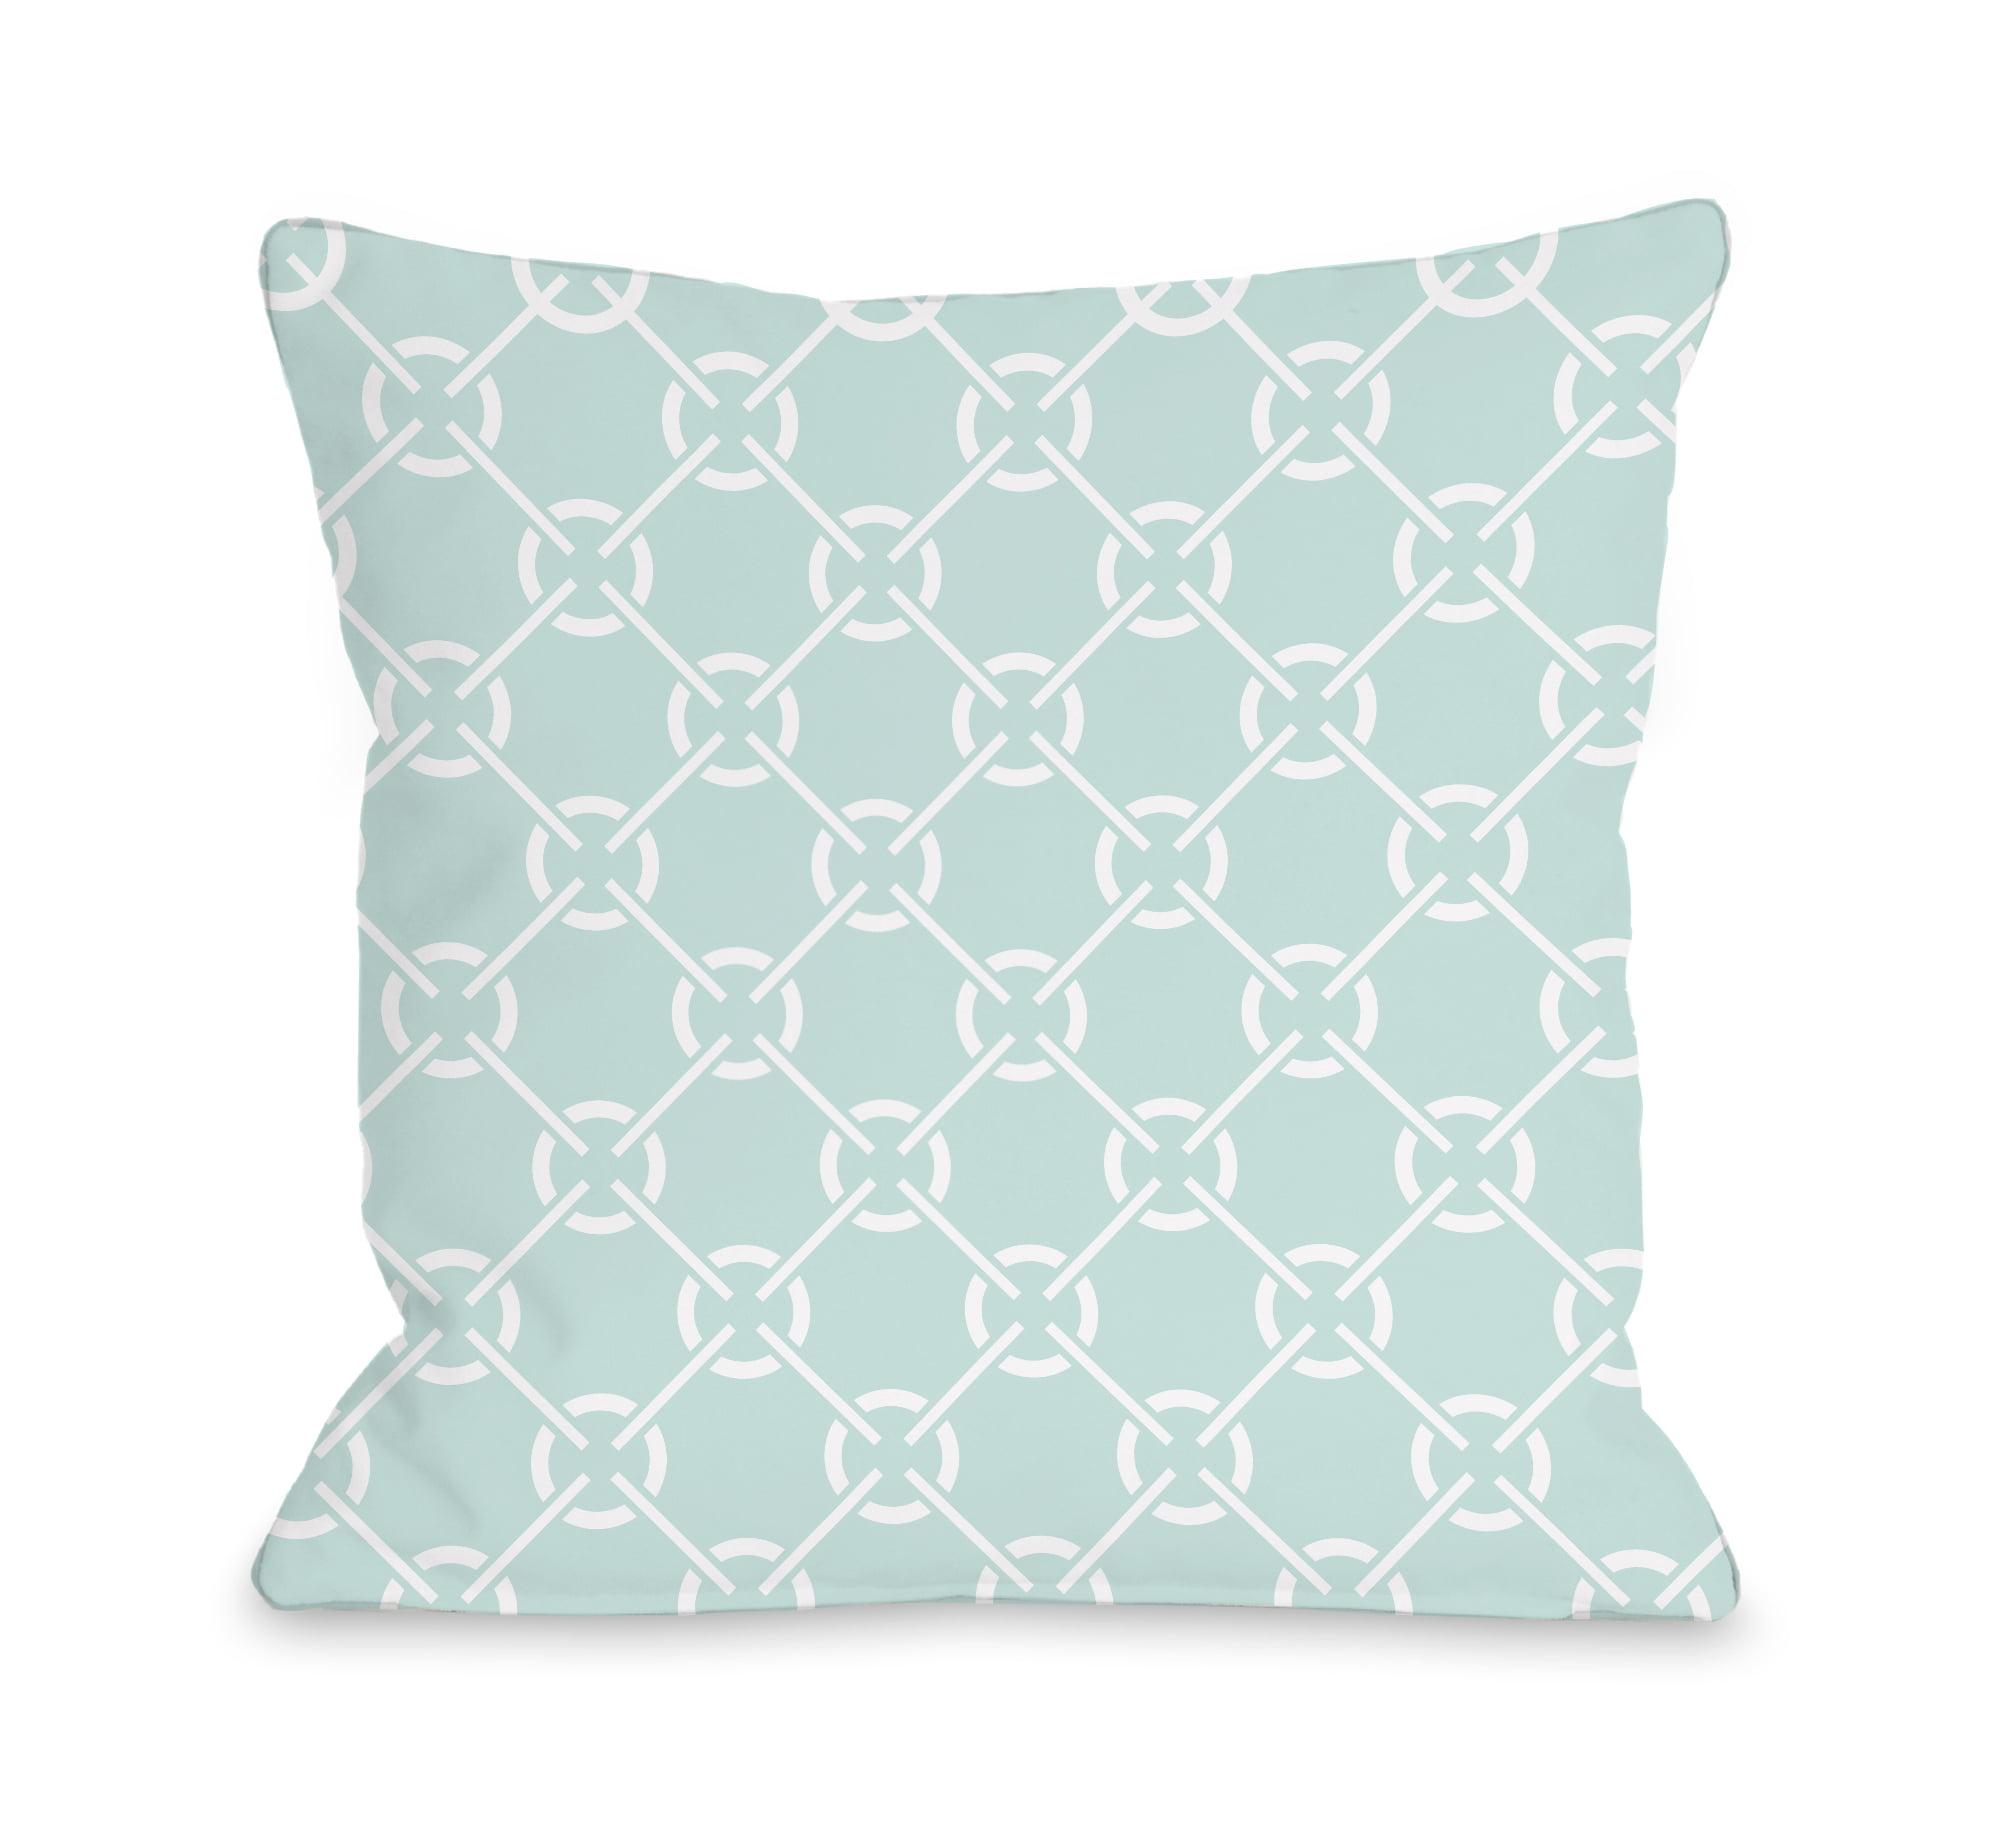 Cecile's Circles - Fair Aqua 16x16 Pillow by OBC